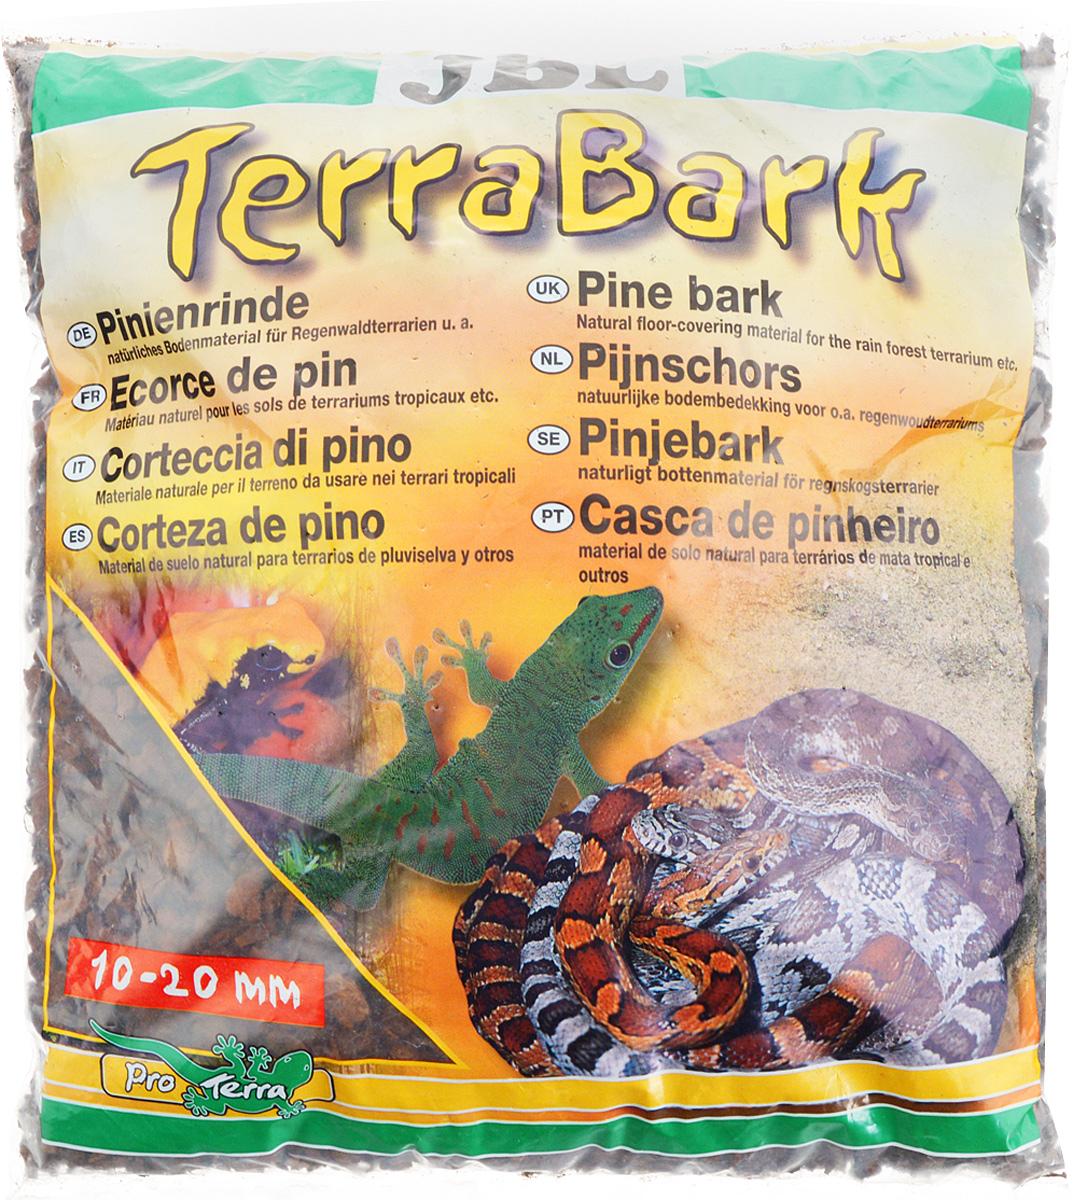 Грунт для террариума JBL TerraBark, из коры пинии, 10-20 мм, 5 лJBL7102000Натуральный грунт JBL TerraBark предназначен специально для оформления террариумов. Изделие готово к применению.Донный субстрат подходит для влажных и полувлажных тропических террариумов. Не содержит пестицидов. Обладает свойствами регулирования влажности воздуха в террариуме.Изготовлен из коры пинии, которая ценится специалистами за высокое содержание эфирных масел,которые делают субстрат непроницаемым для микроорганизмов и устойчивым к грибкам.Грунт JBL TerraBark порадует начинающих любителей природы и самых придирчивых дизайнеров, стремящихся к созданию нового, оригинального. Такая декорация придутся по вкусу и обитателям террариумов, которые ещё больше приблизятся к природной среде обитания.Фракция: 10-20 мм.Объем: 5 л.